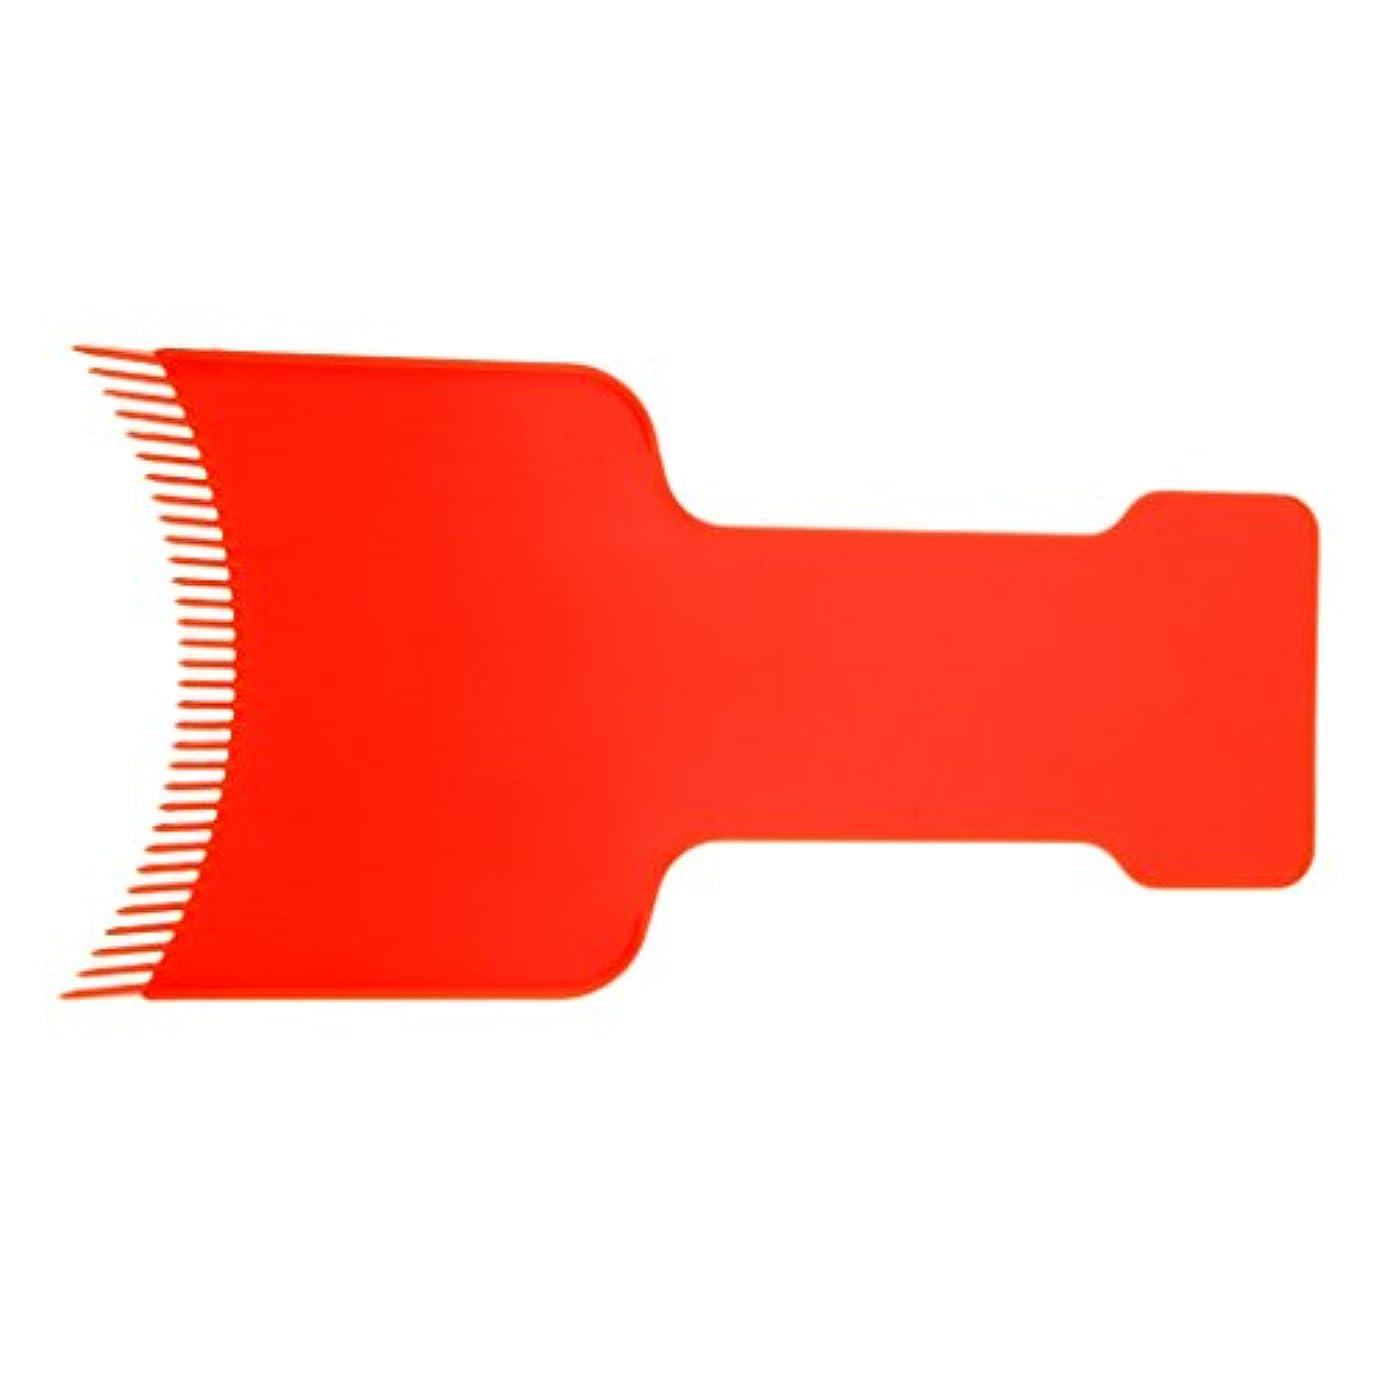 正確さ構想するピケBaosity 染色ボード ヘアカラーボード ダイボード 使いやすい 染色プレート ヘアカラー 便利